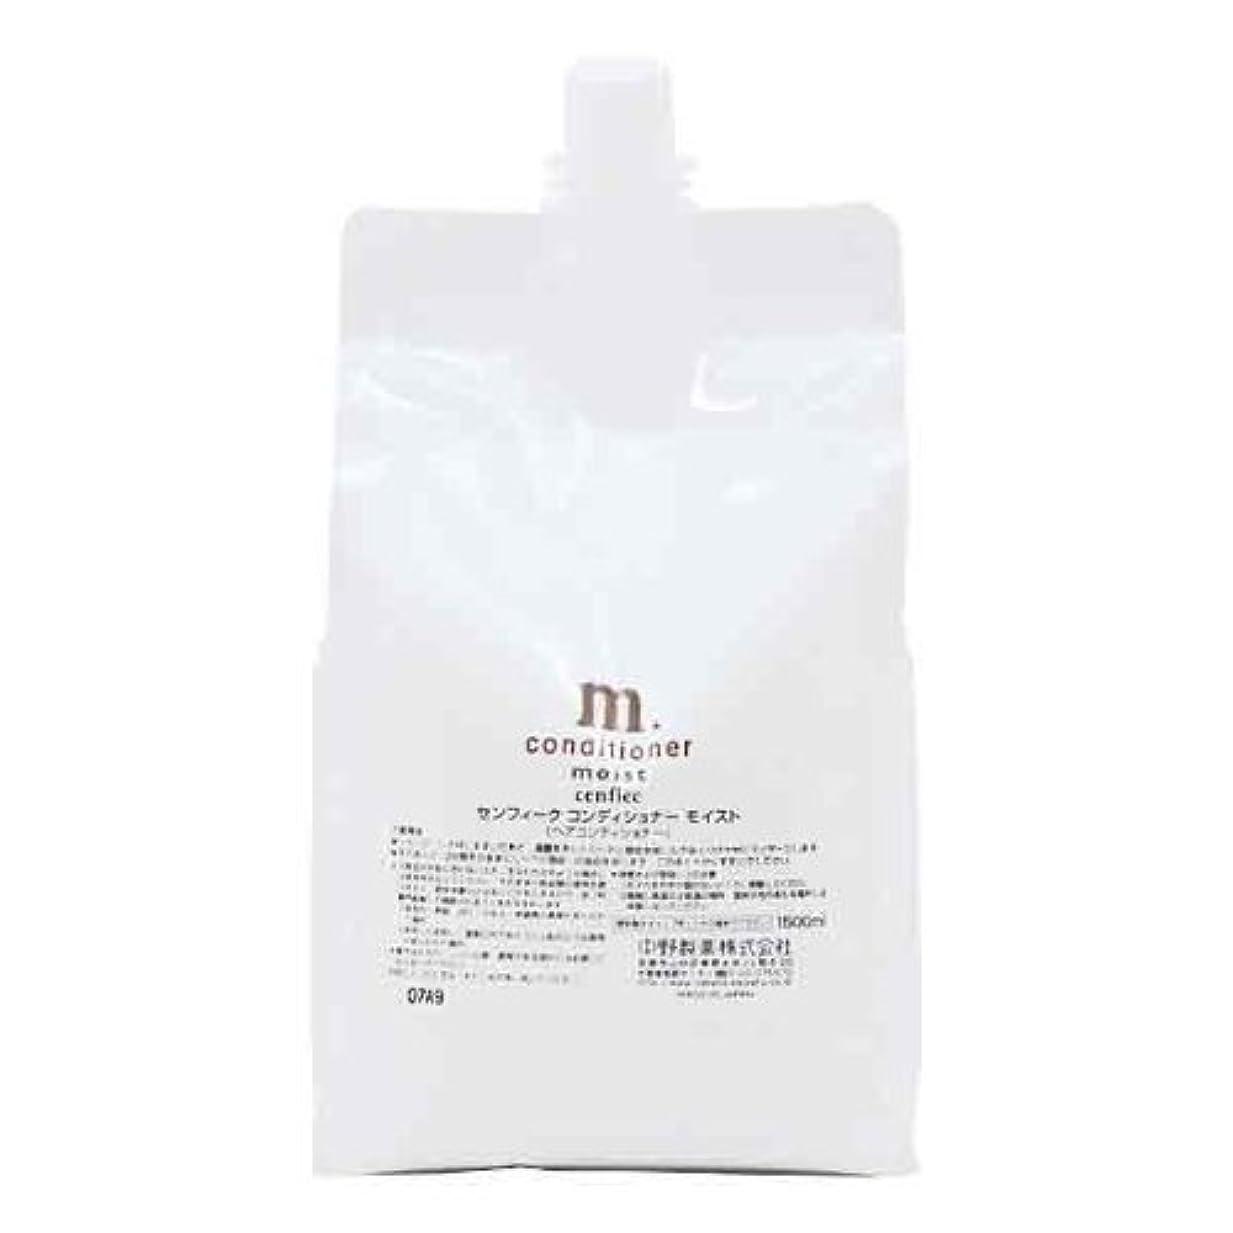 デッド期待完全に乾く中野製薬 センフィーク コンディショナー モイスト レフィル 容量1500ml